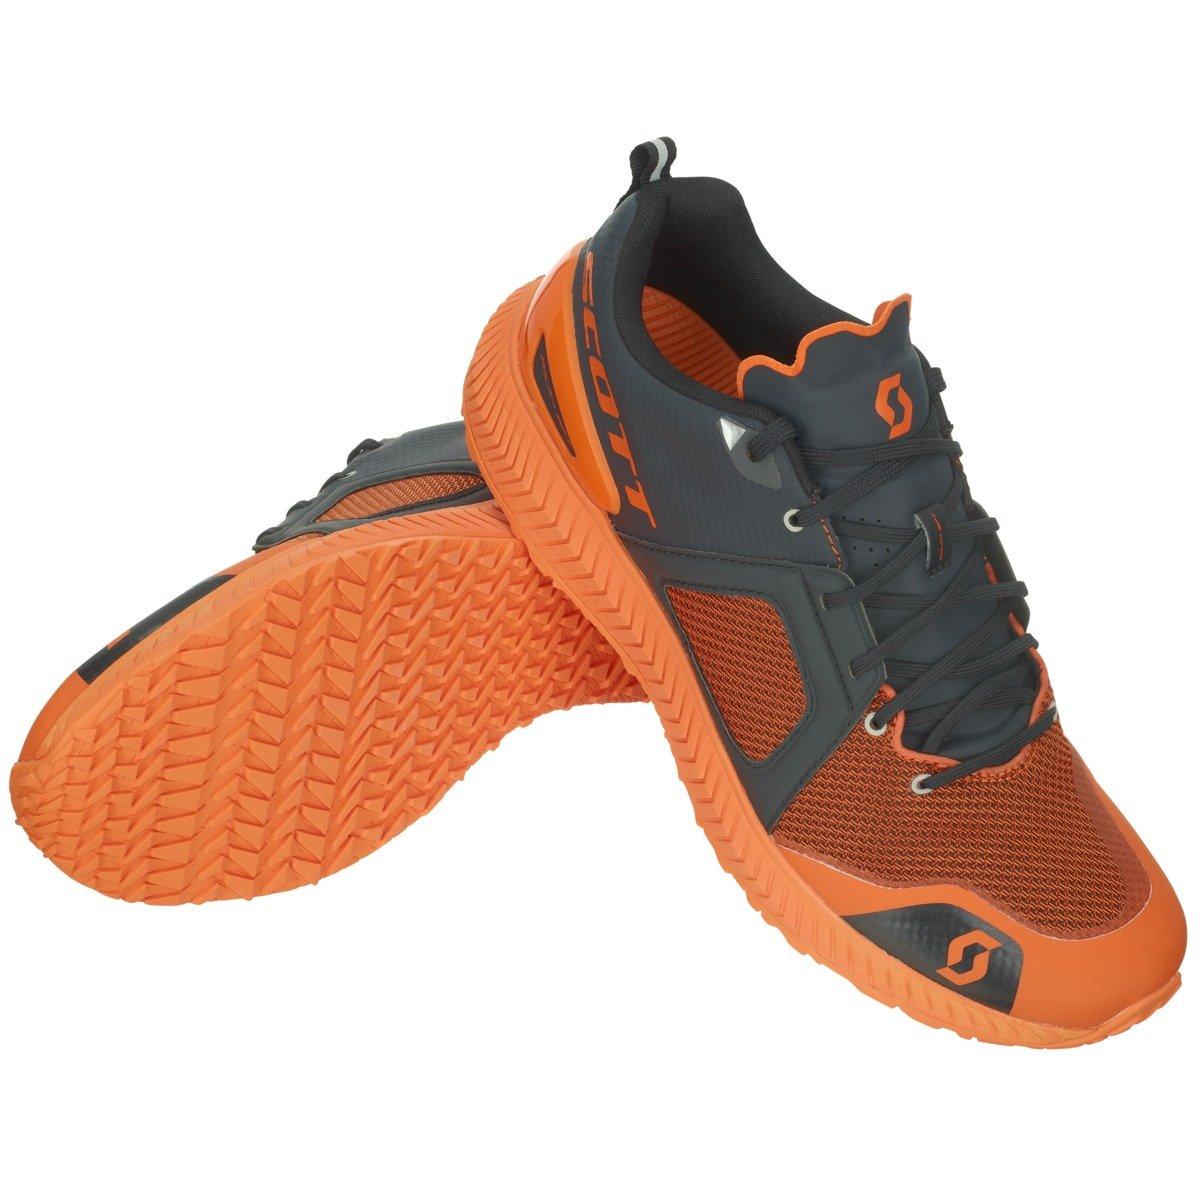 Scott Herren Laufschuhe schwarz Palani SPT schwarz Laufschuhe Orange 7 310a2d